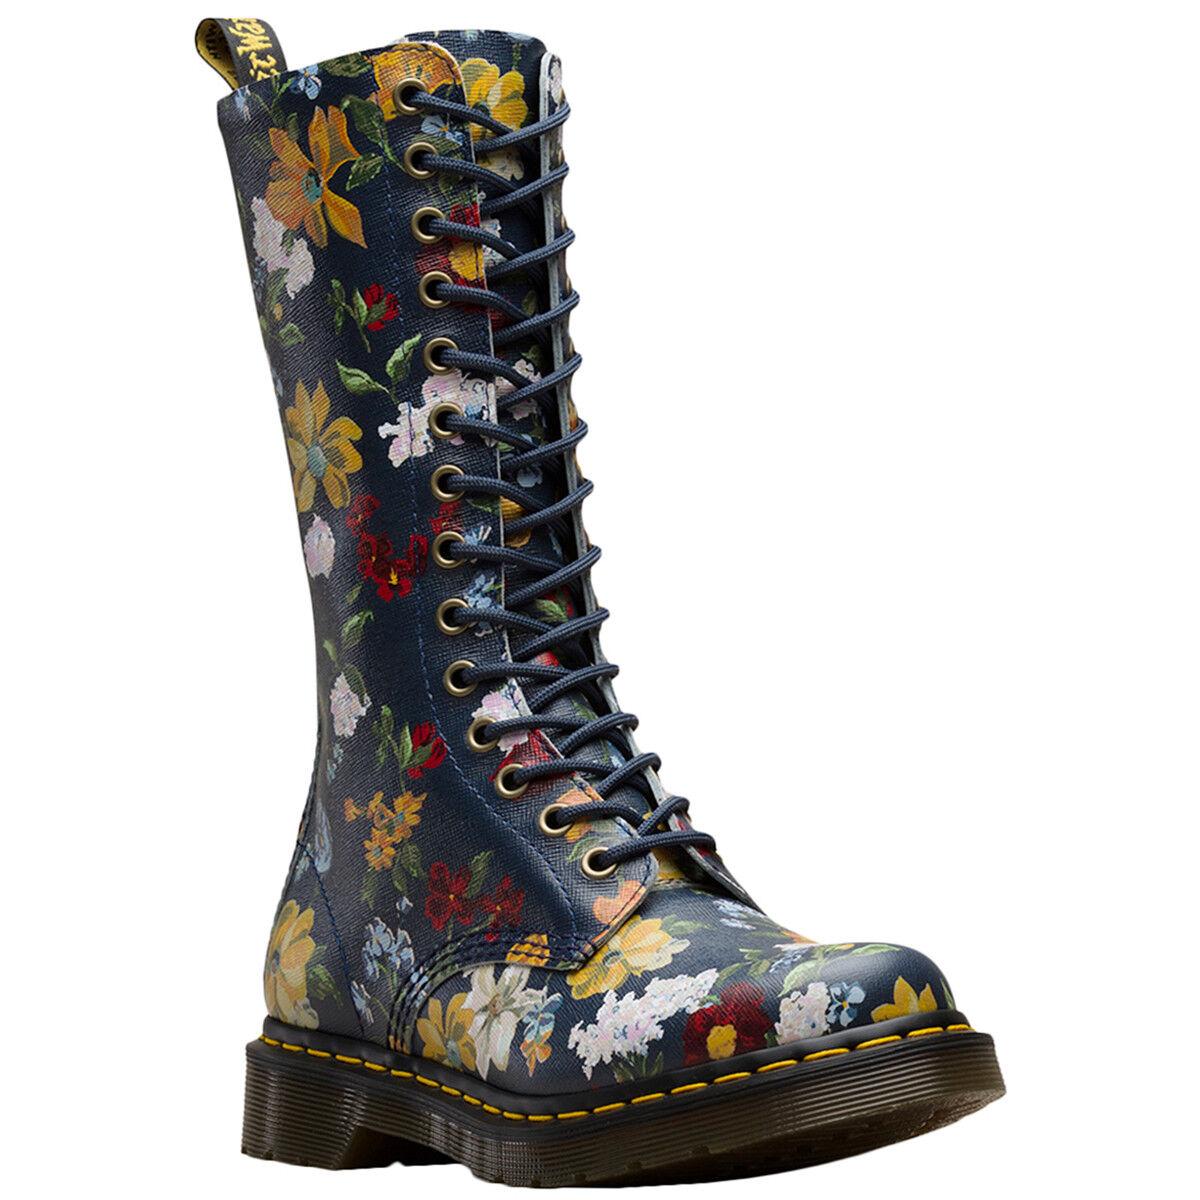 Dr. Martens 1b99 Darcy Darcy Darcy floral cuero Tall knee-High ZIP-Up señora botas  compra en línea hoy